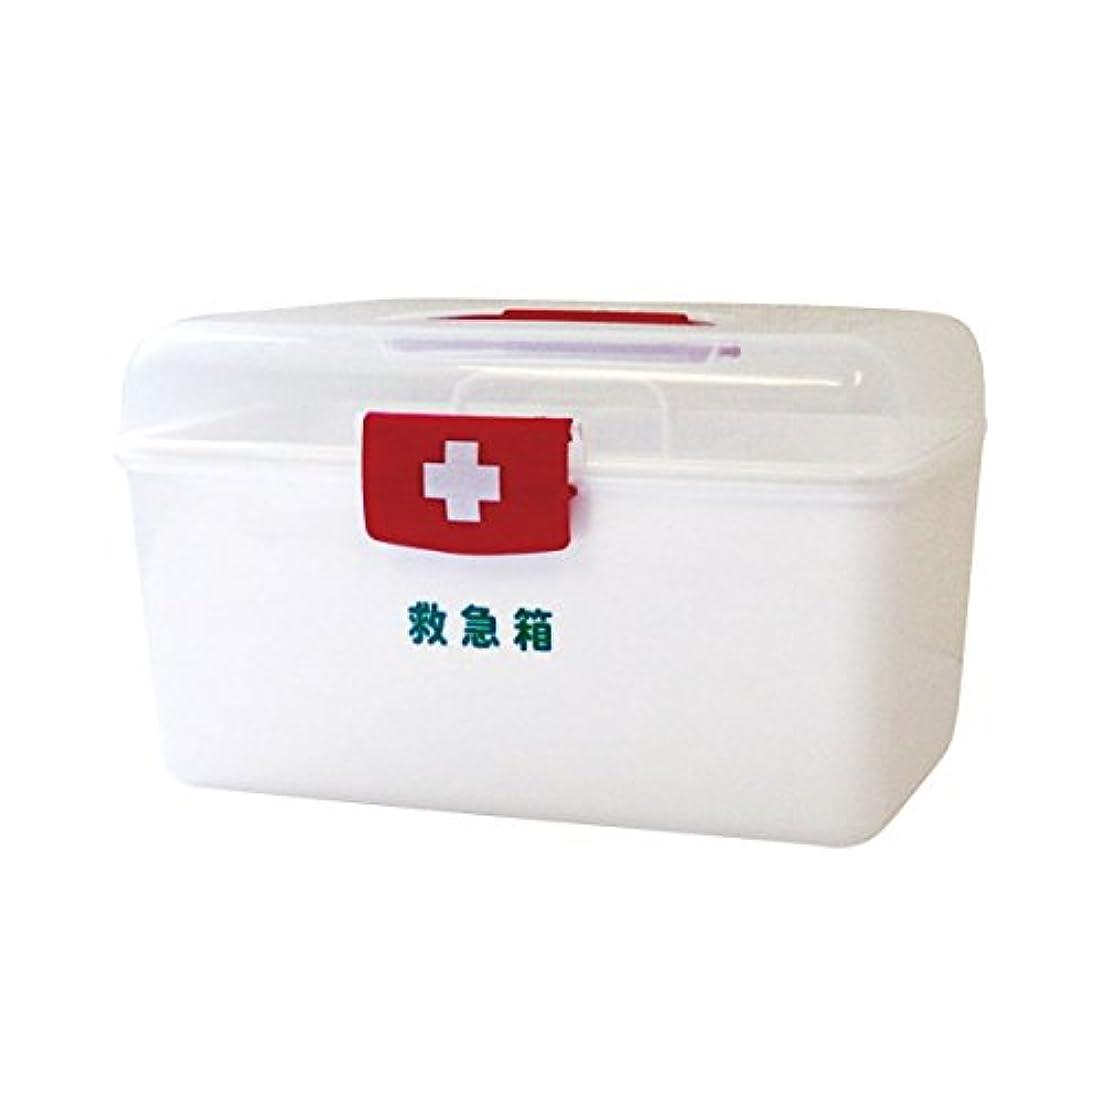 リーダー ポリ救急箱セット Mサイズ 782498